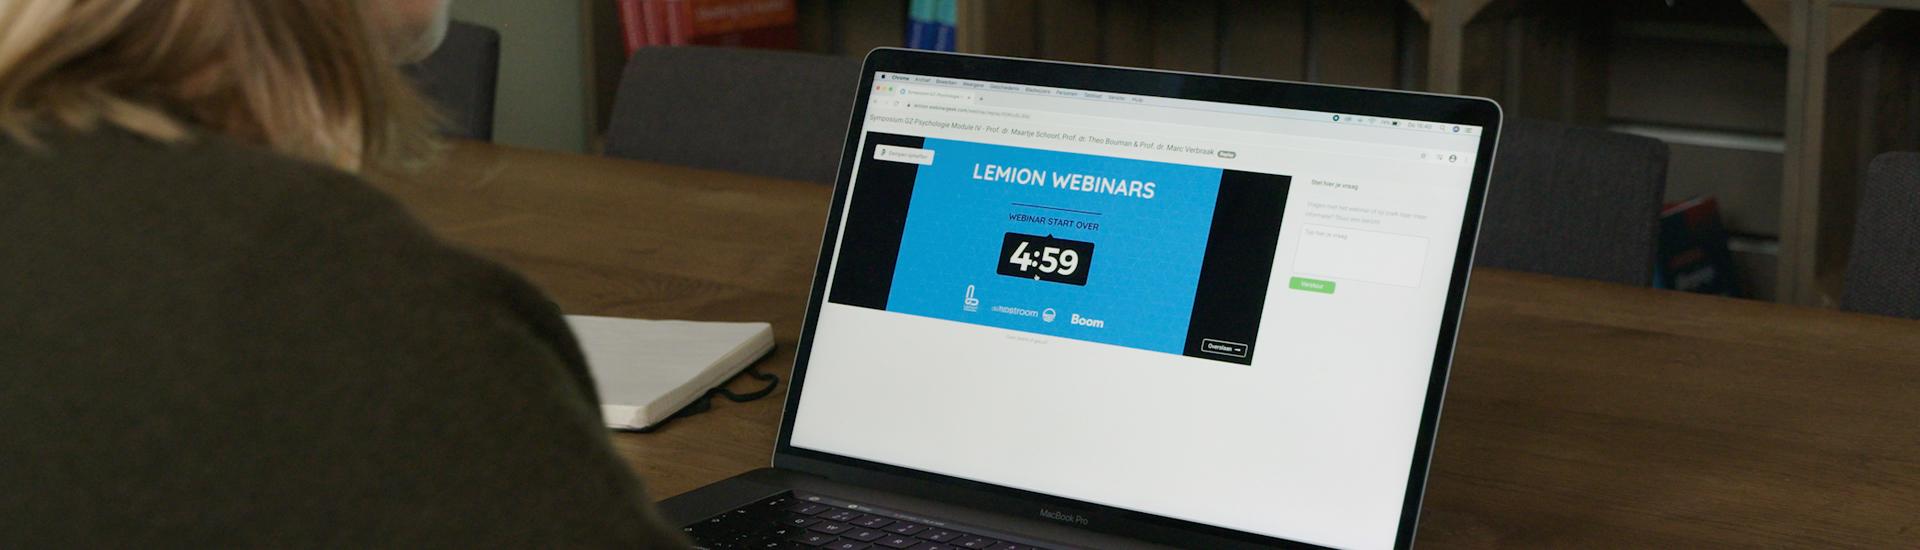 lemion_slide_laptop